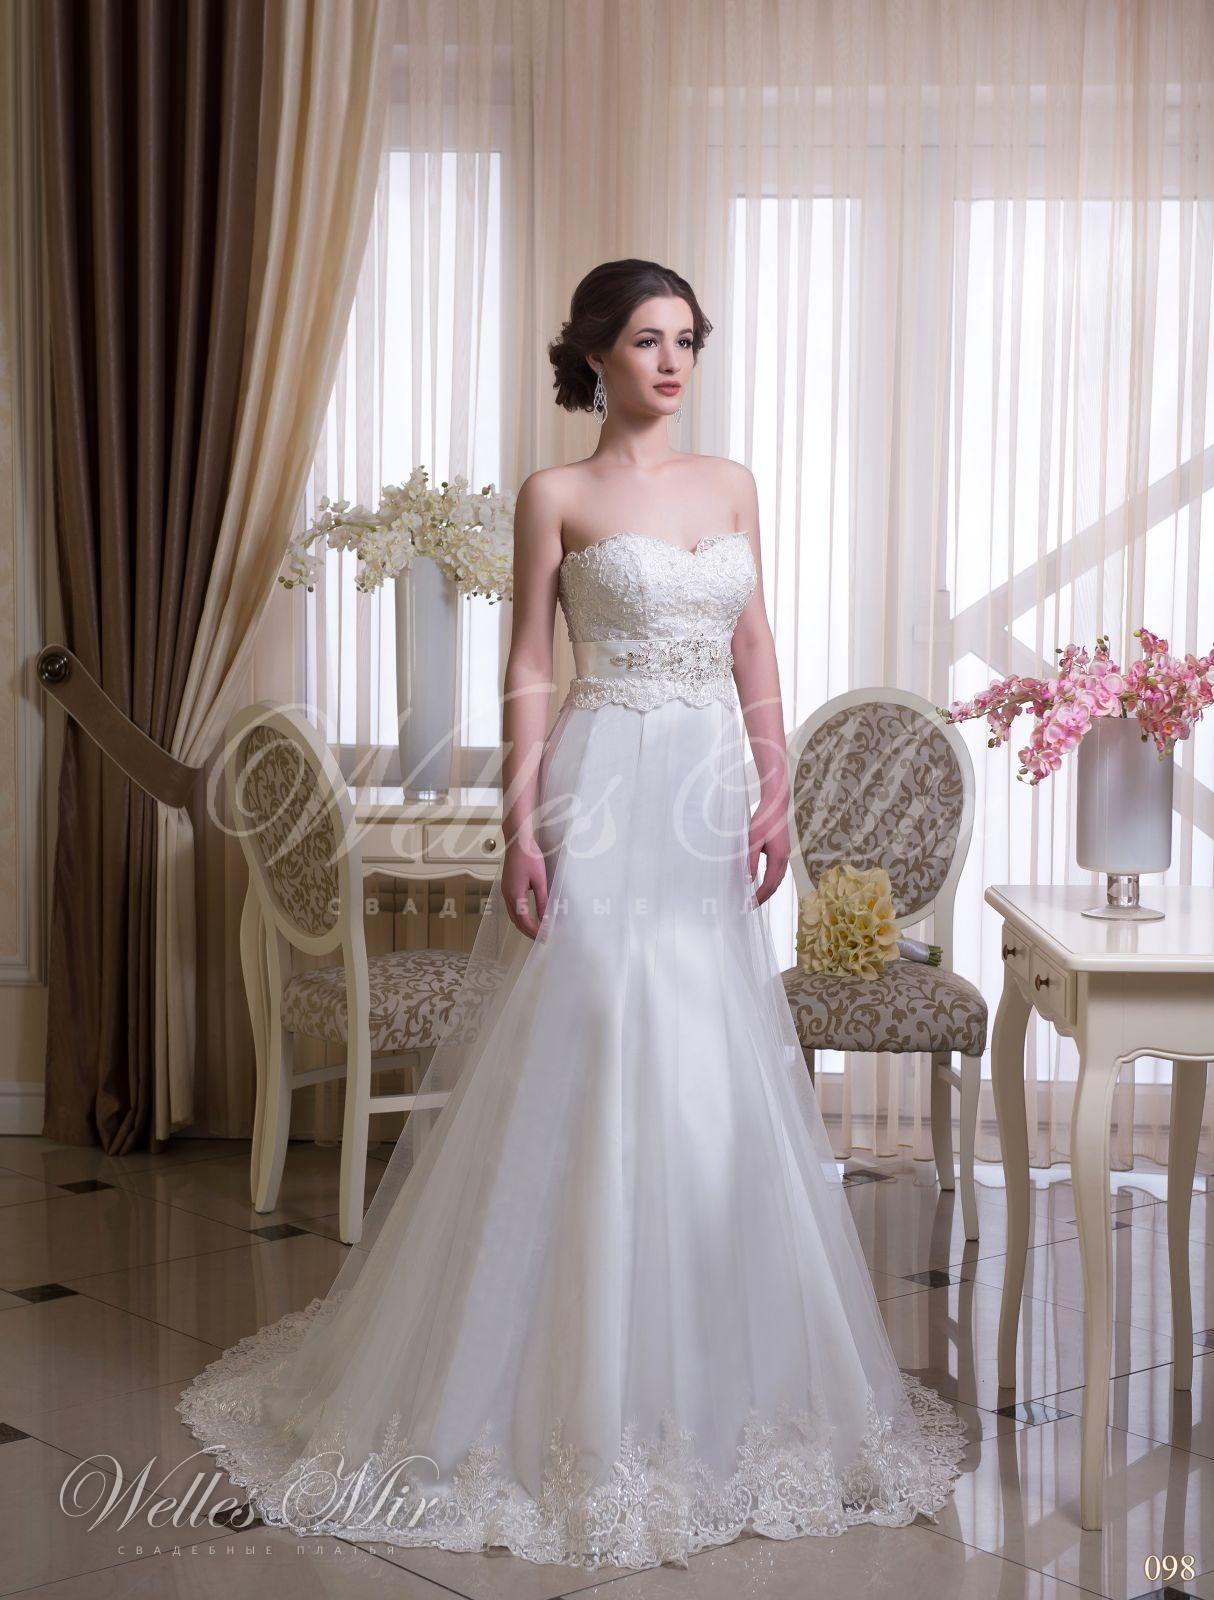 Свадебные платья Charming Elegance - 098